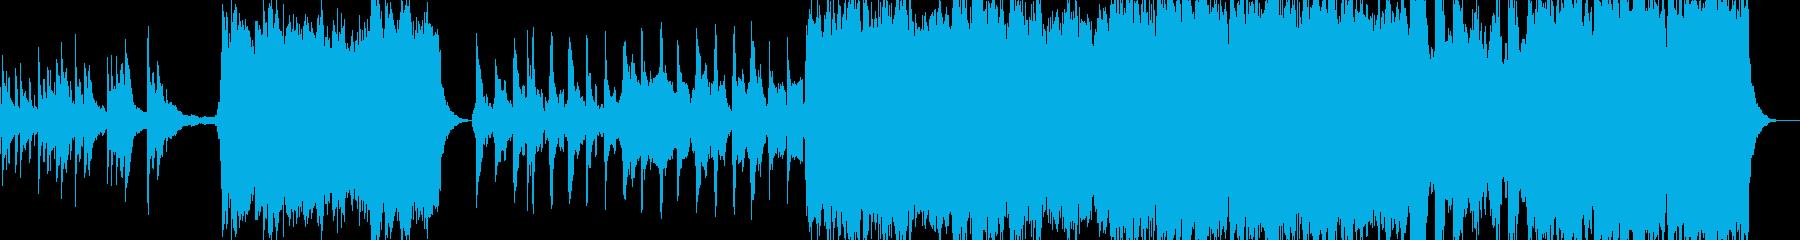 映画のクライマックス的な感動オーケストラの再生済みの波形